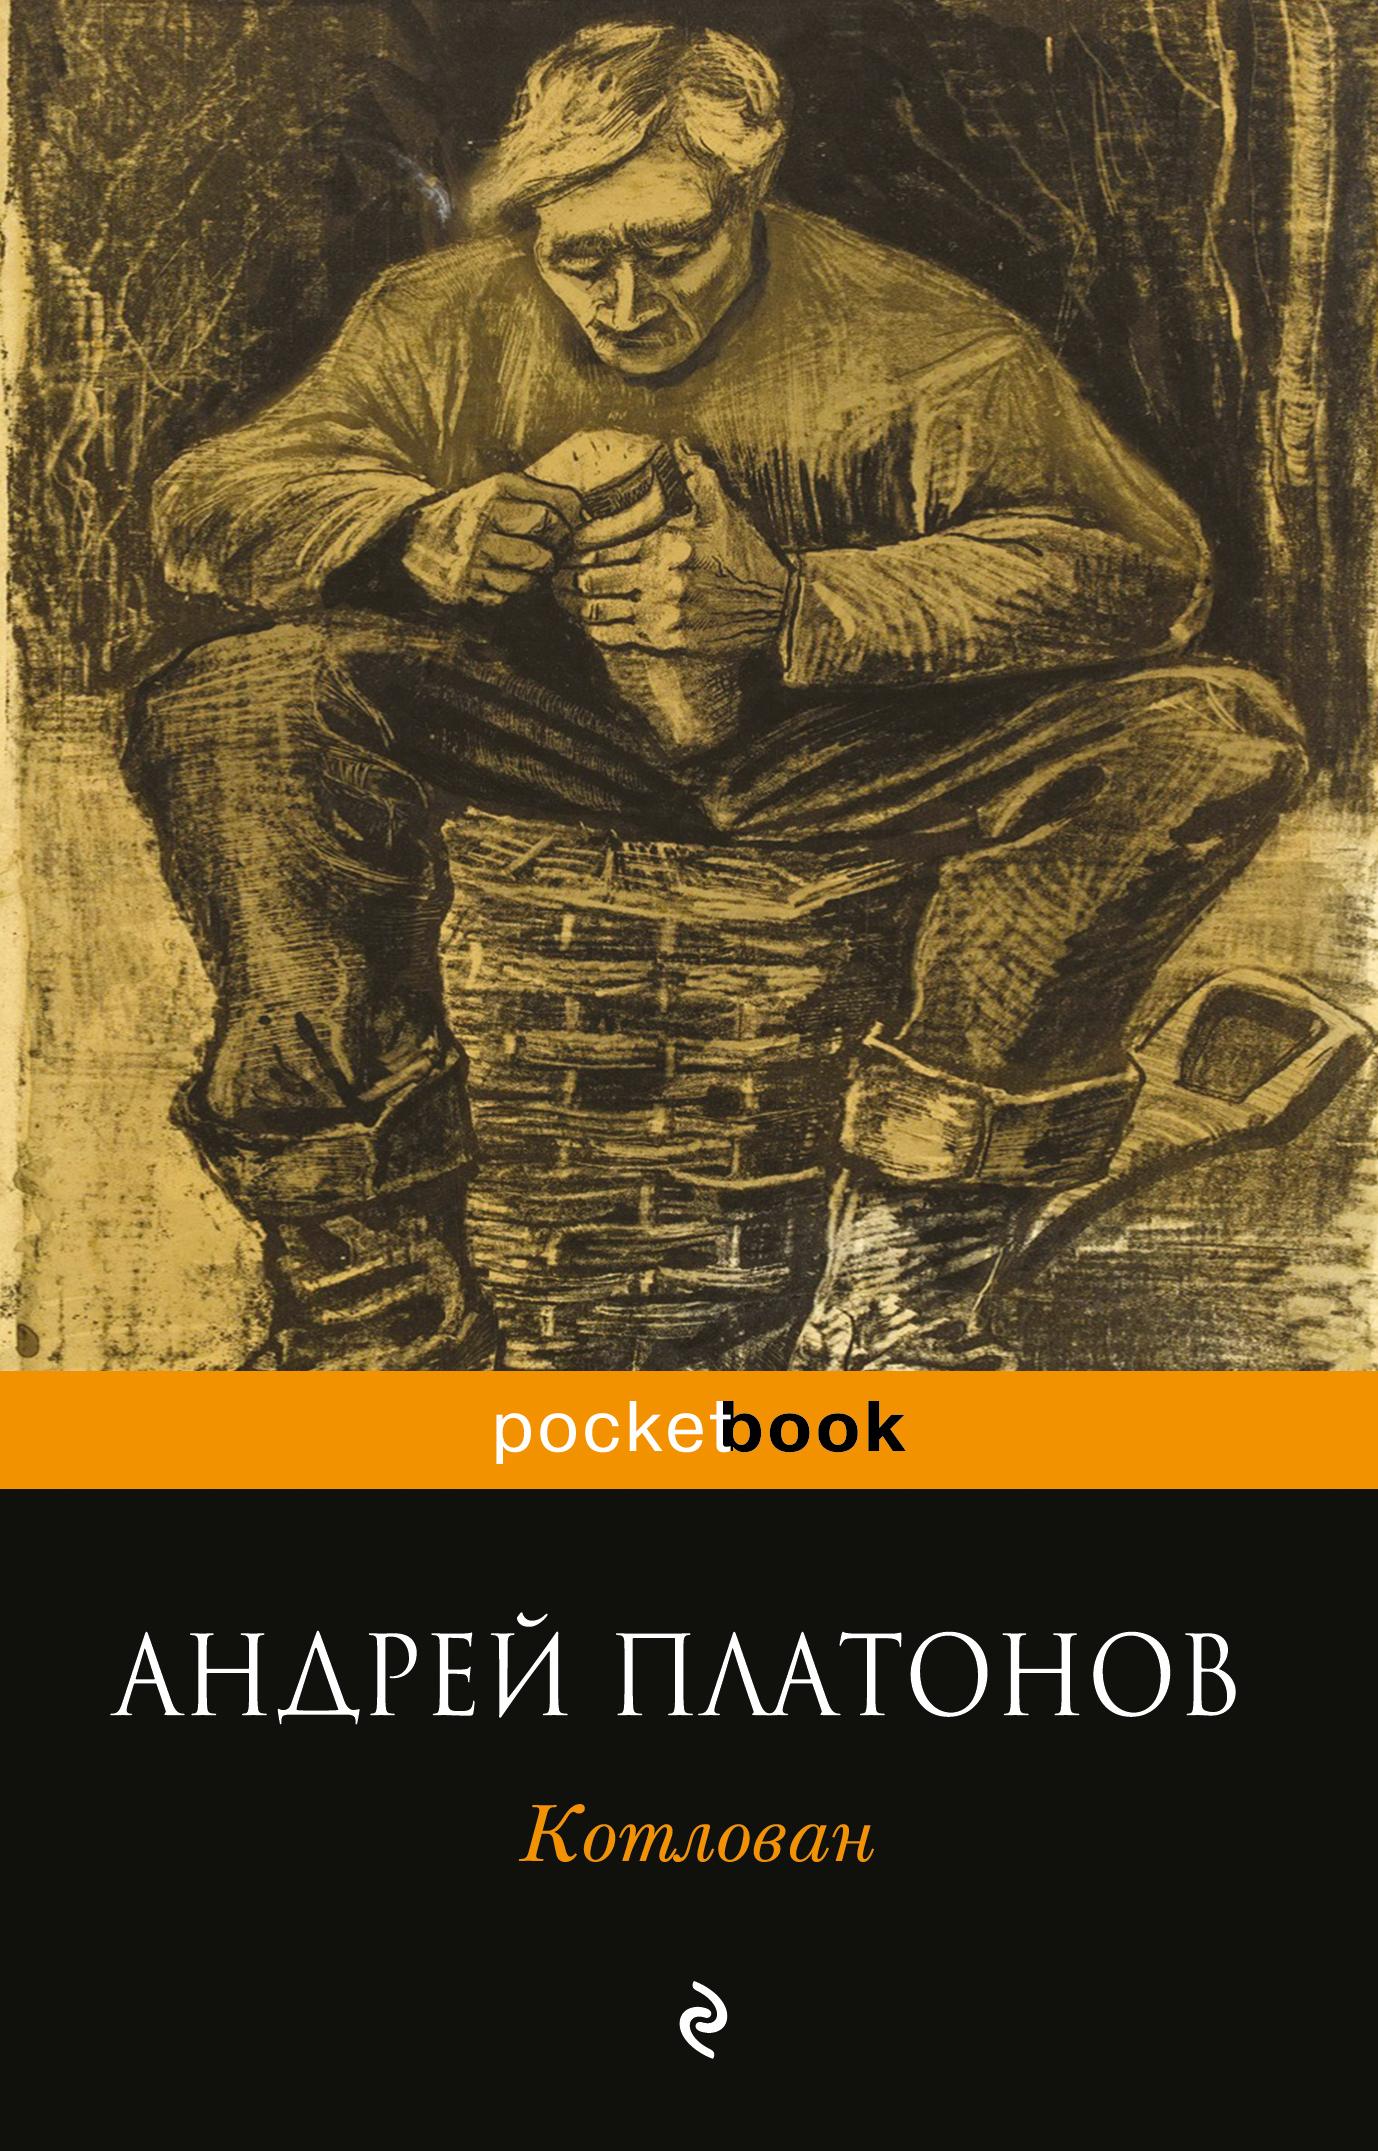 Книга котлован скачать бесплатно